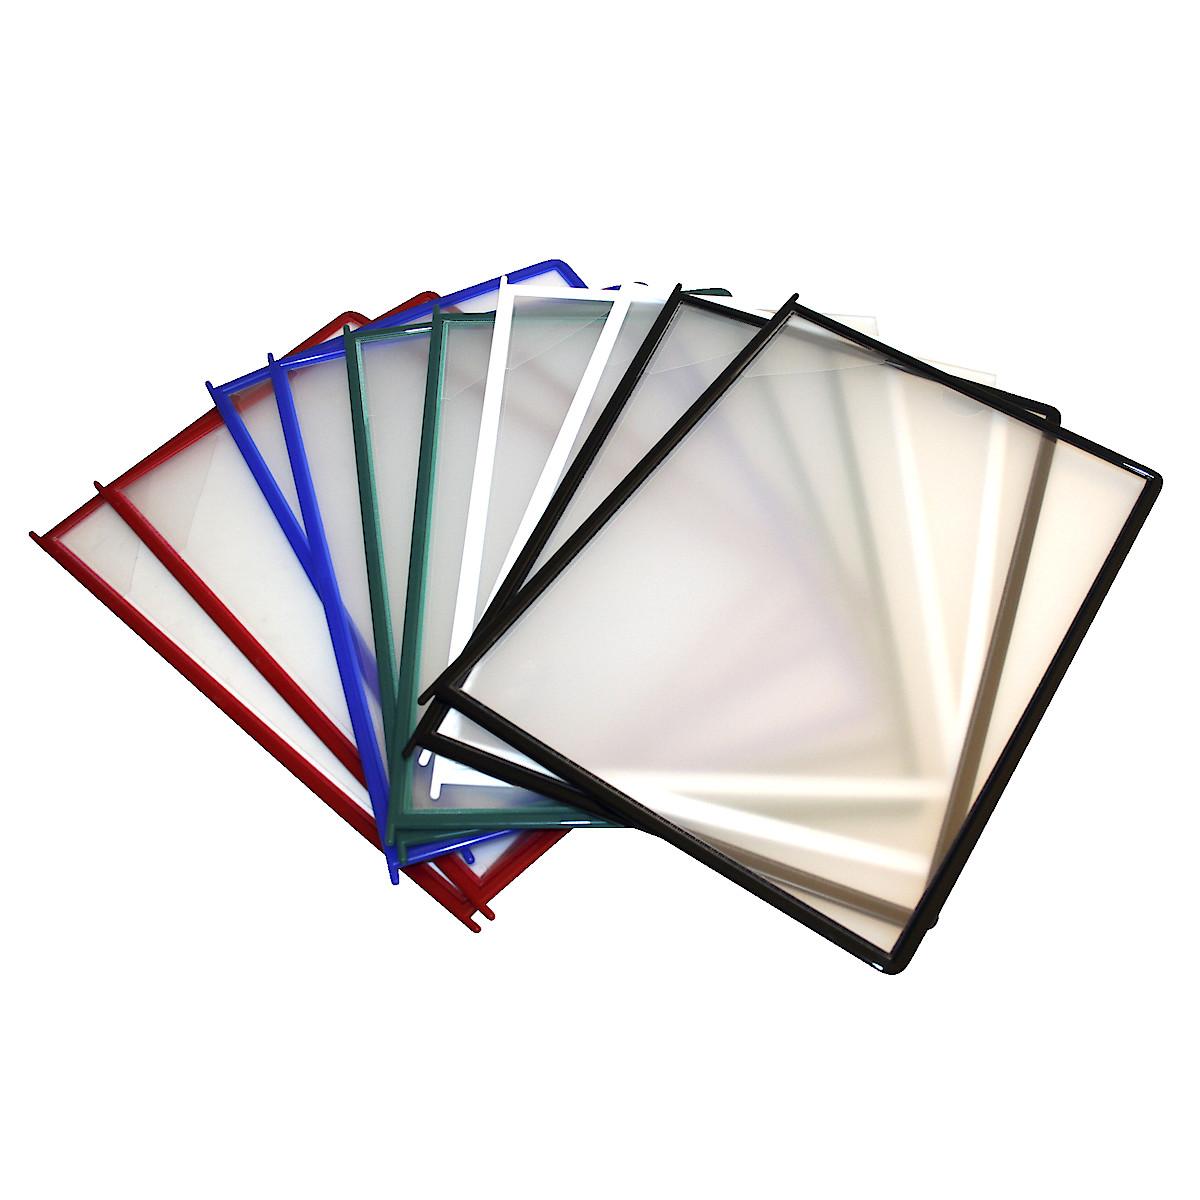 Paneelit Quickload Easymount-pöytätelineeseen, värilliset